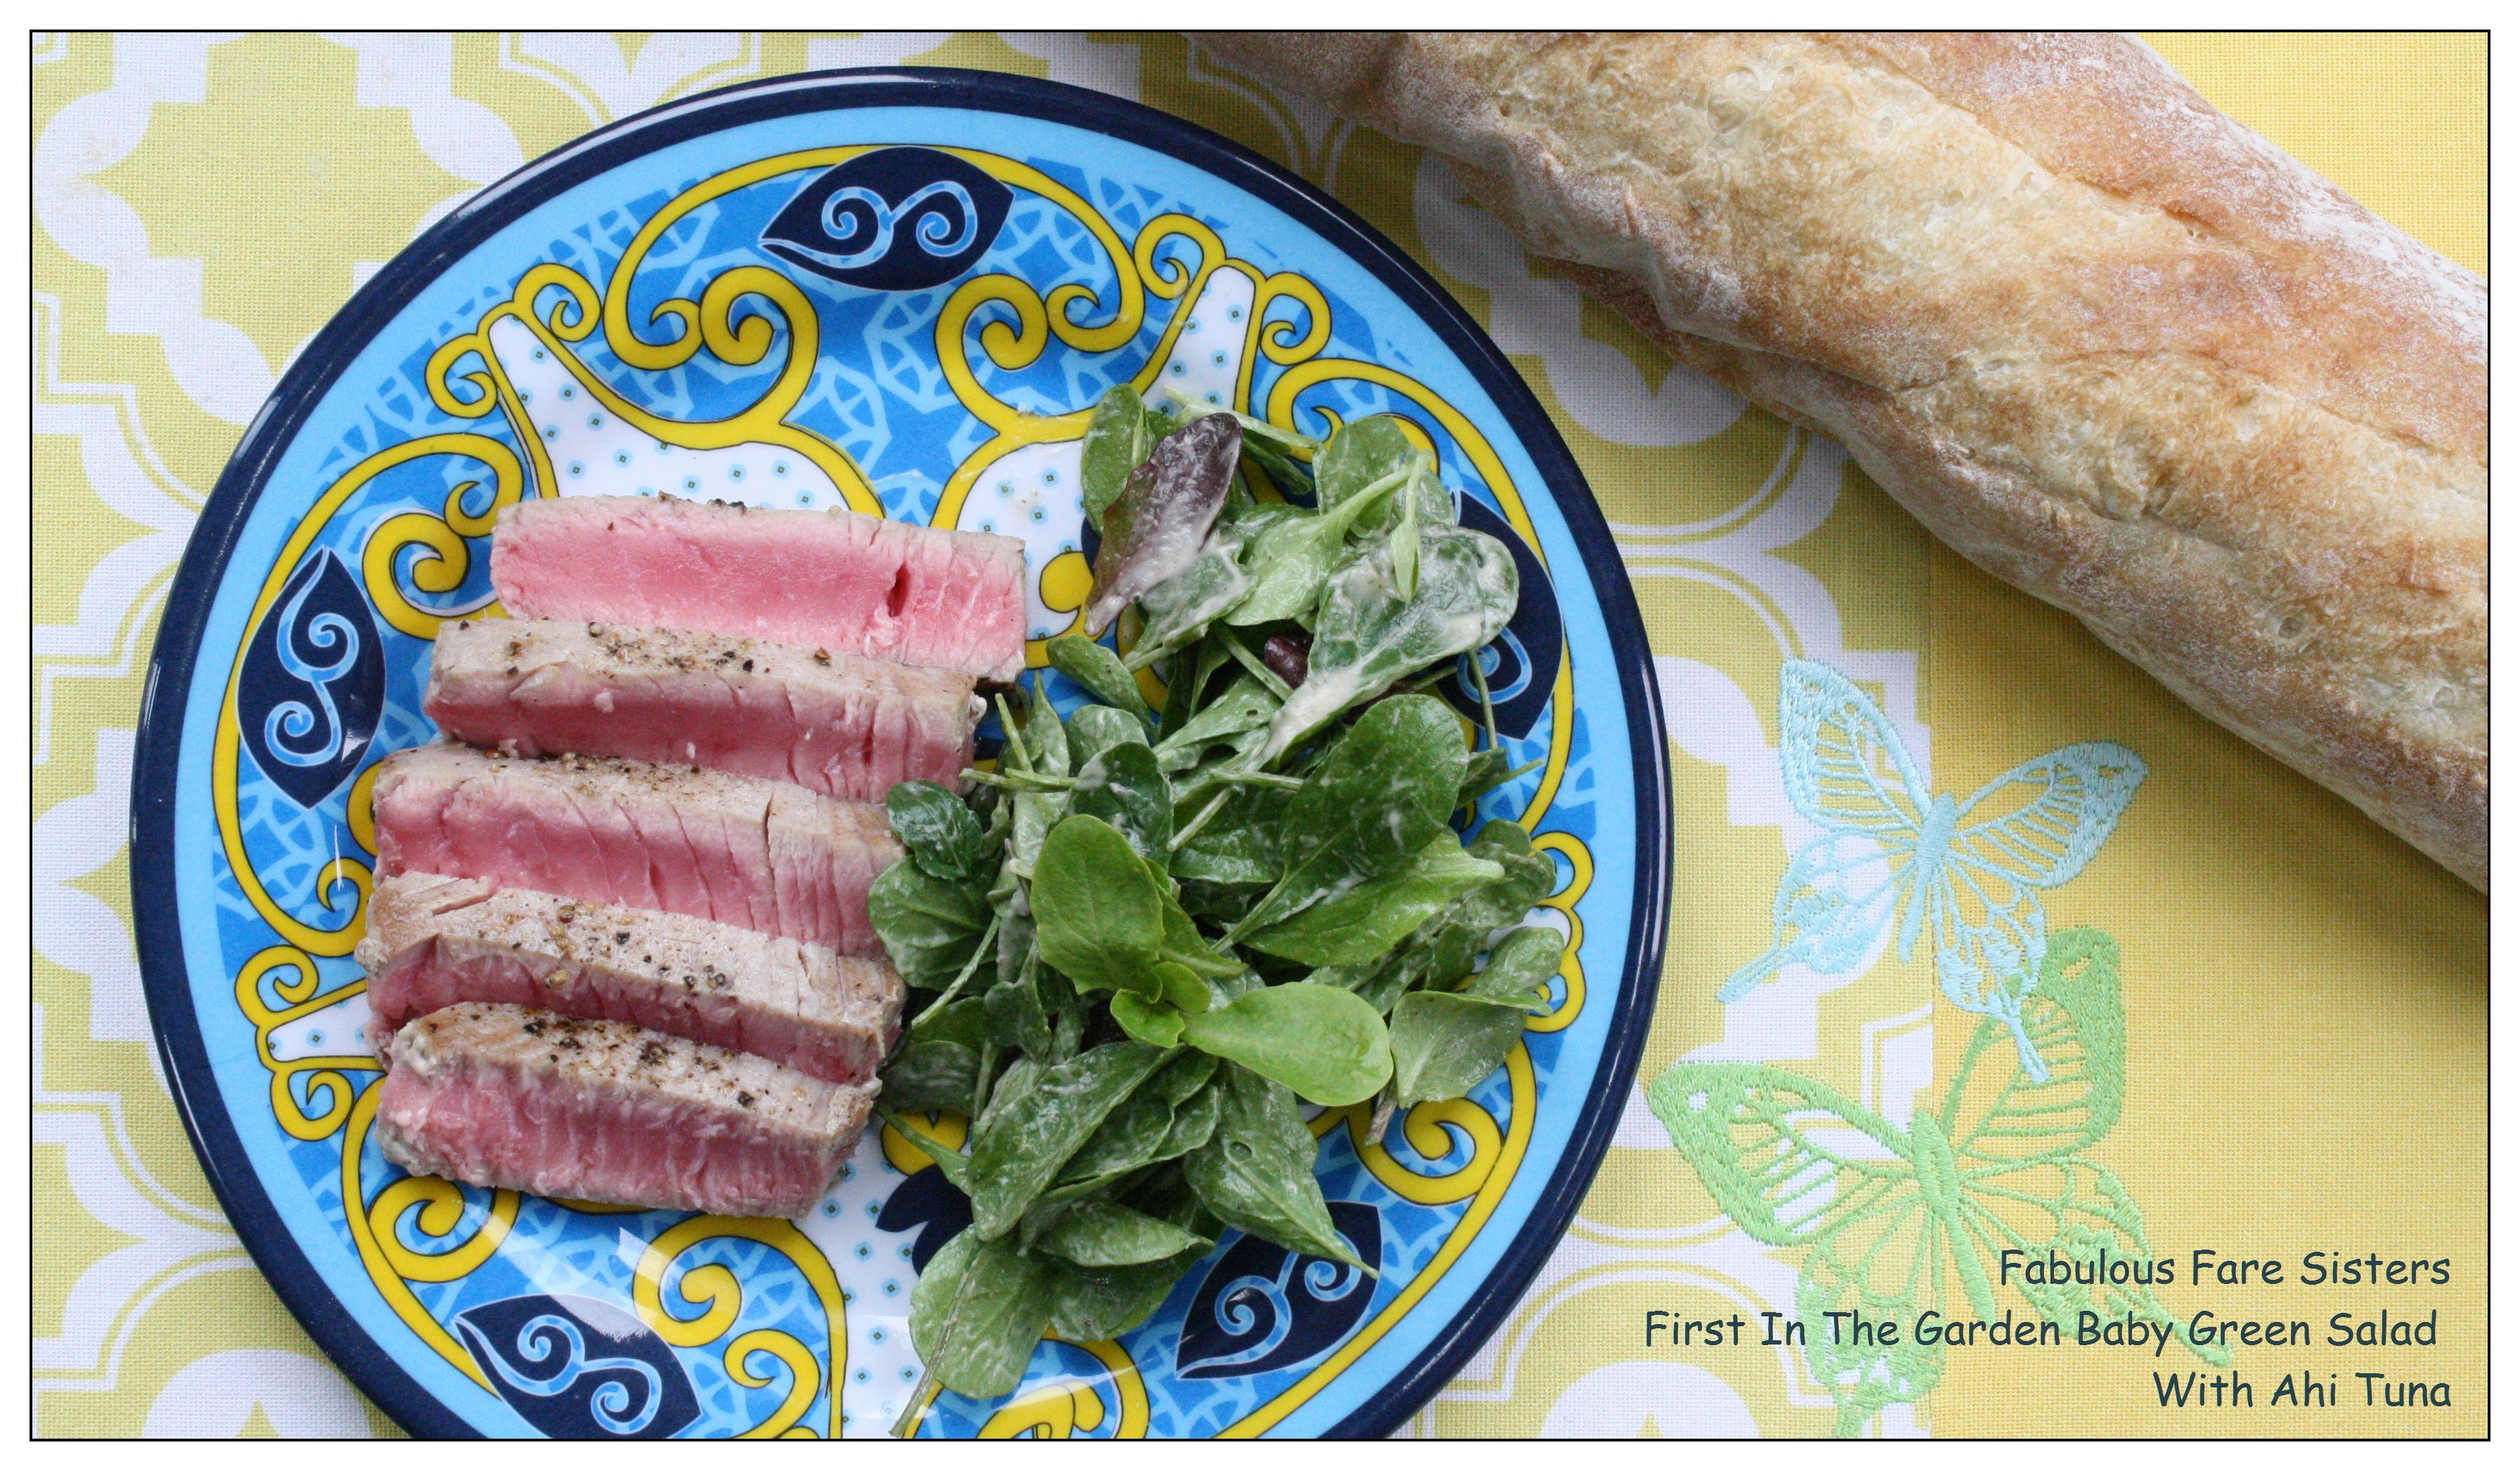 Baby Green Salad With Ahi Tuna